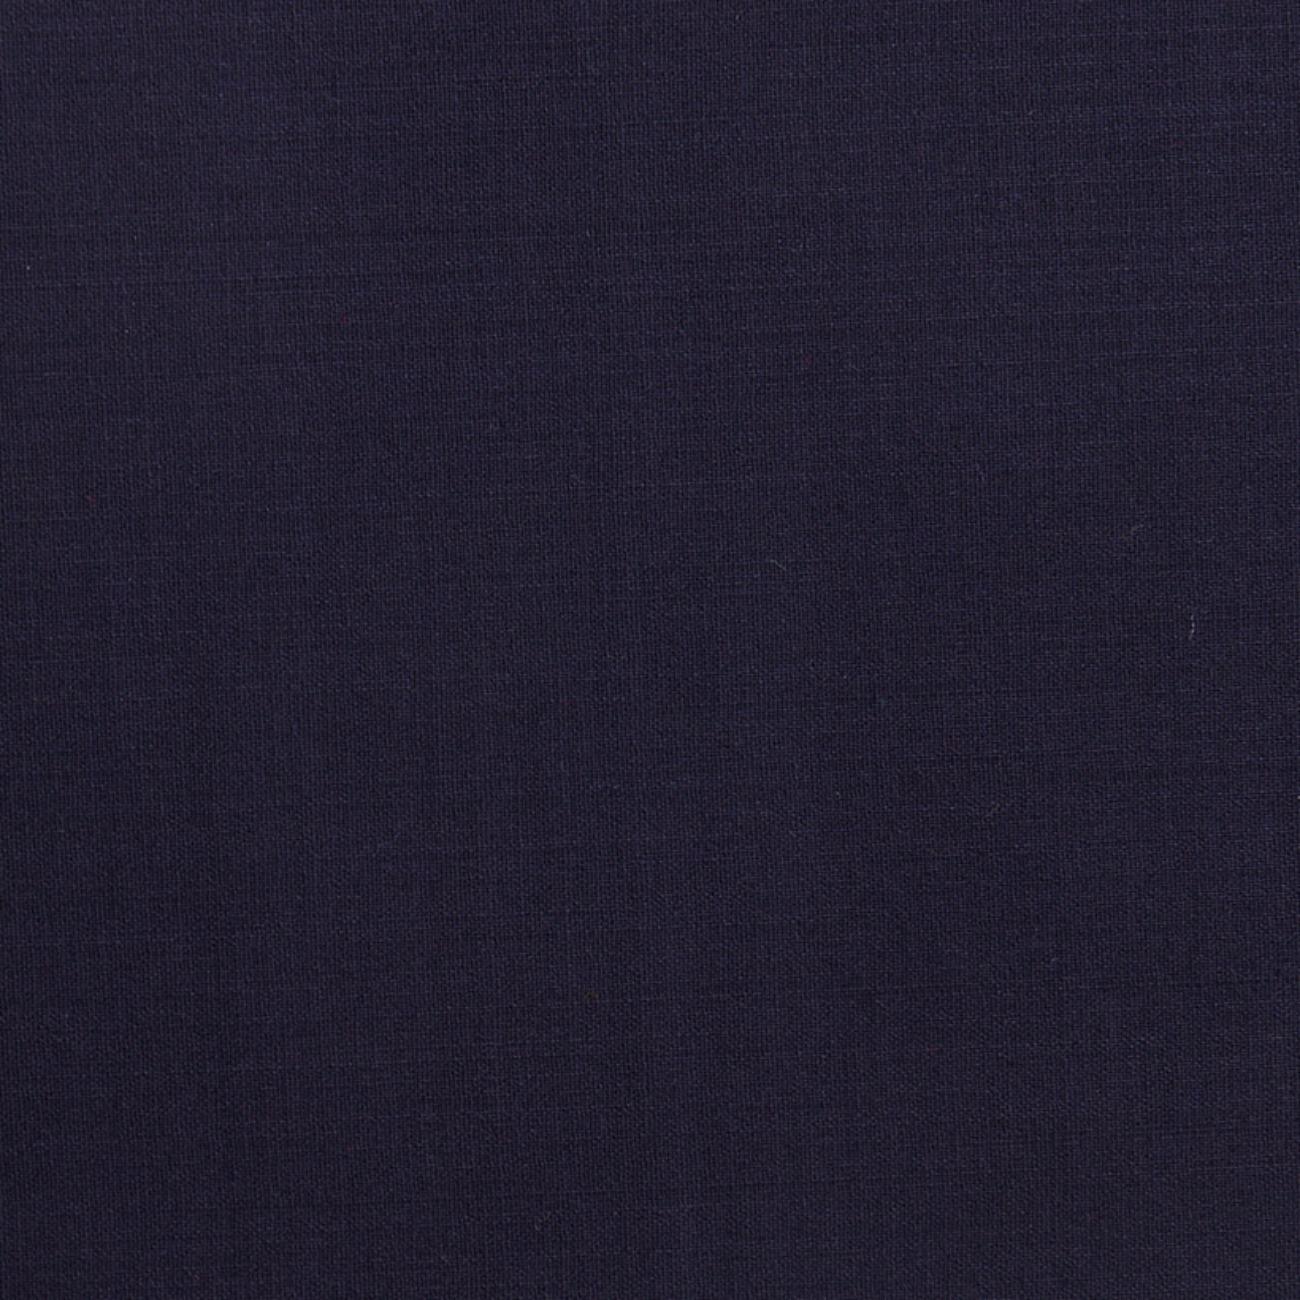 毛纺 素色 斜纹 羊毛 染色 薄 精仿 西装 职业装 春秋 女装 71122-35